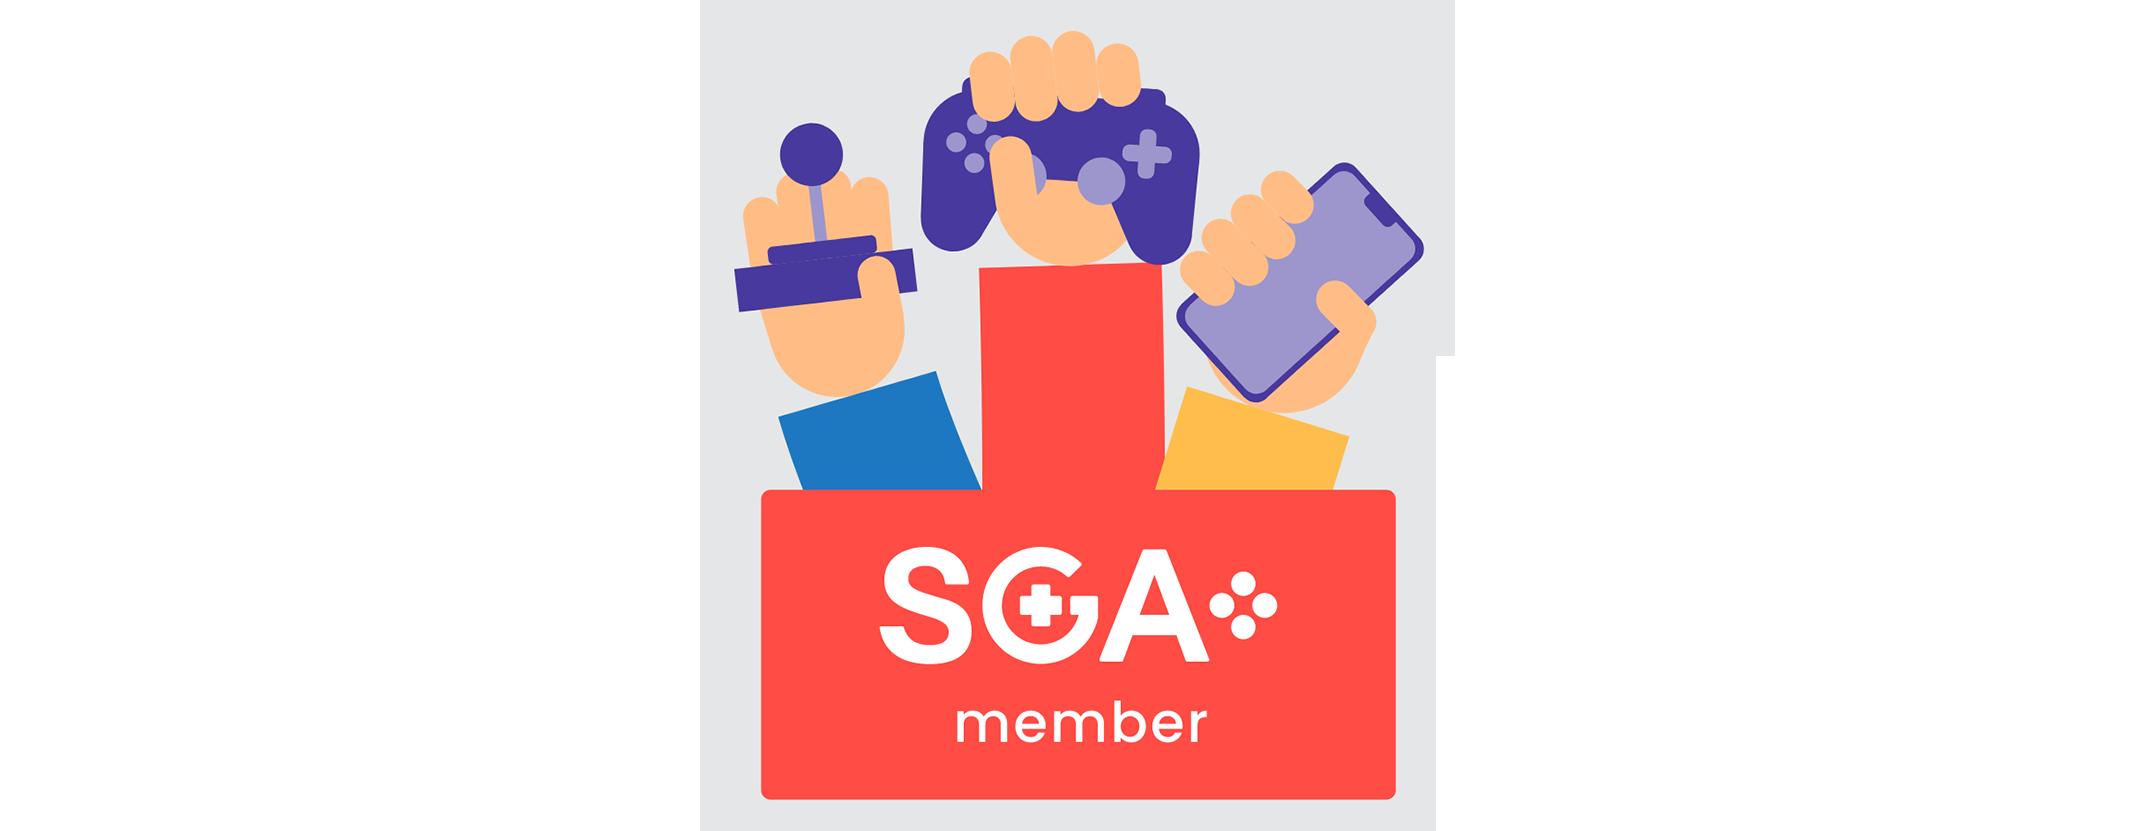 SGA member